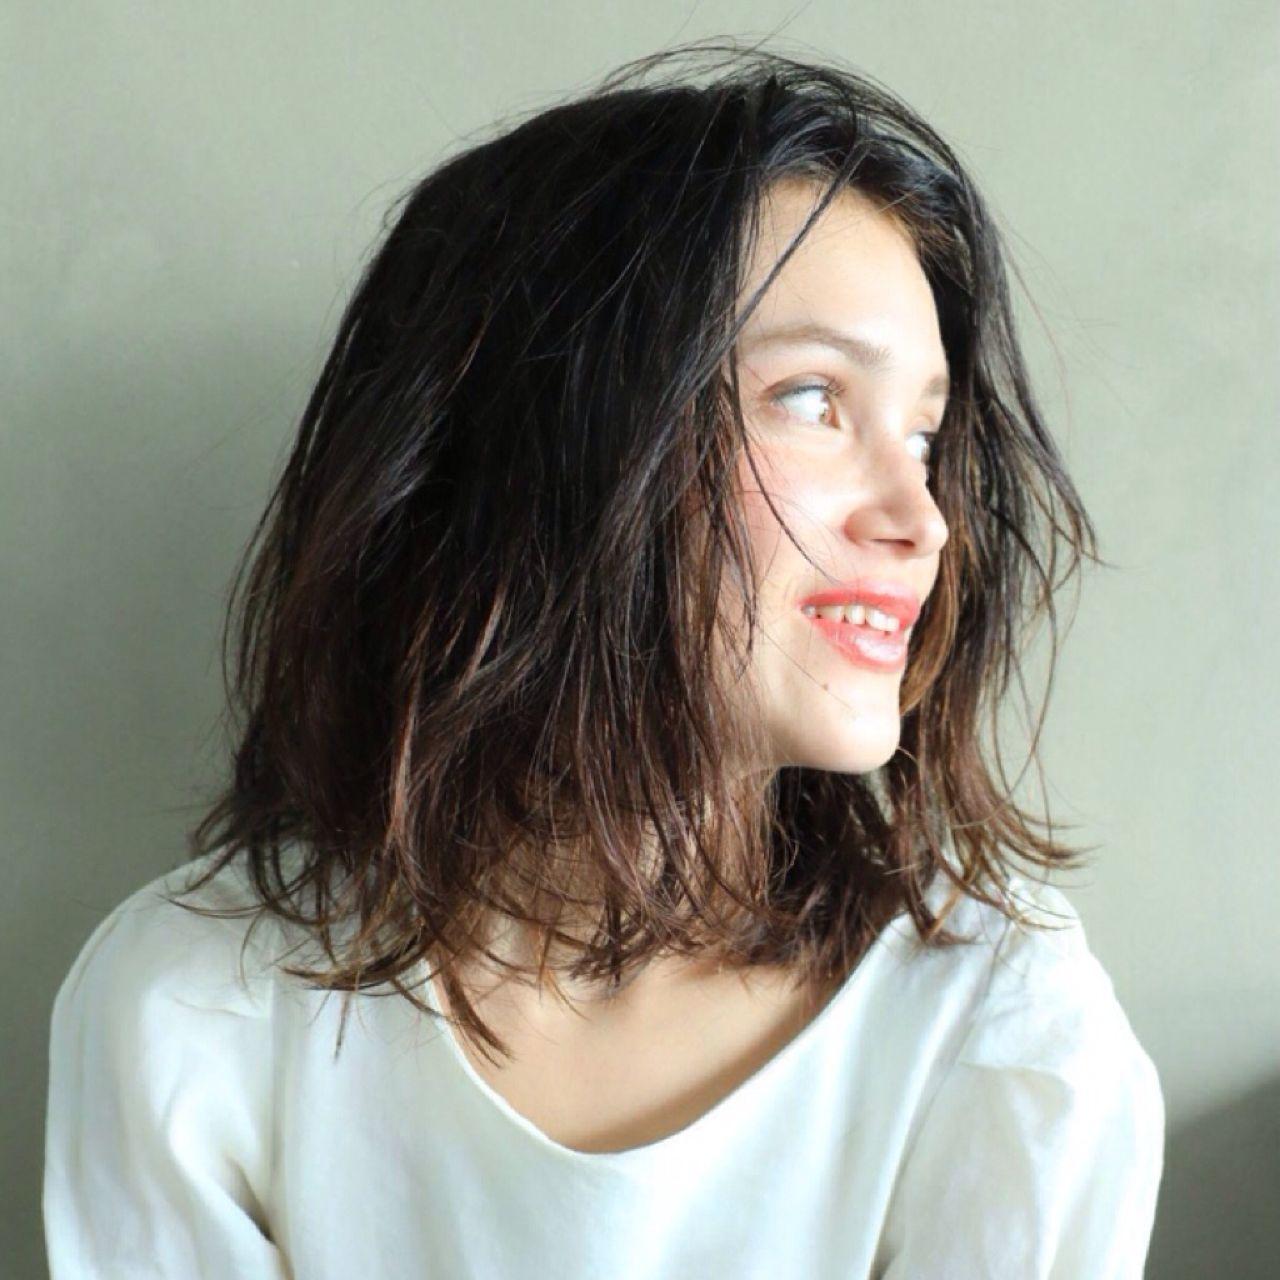 ストリート ウェーブ センターパート アンニュイ ヘアスタイルや髪型の写真・画像 | 高橋 忍 / nanuk渋谷店(ナヌーク)